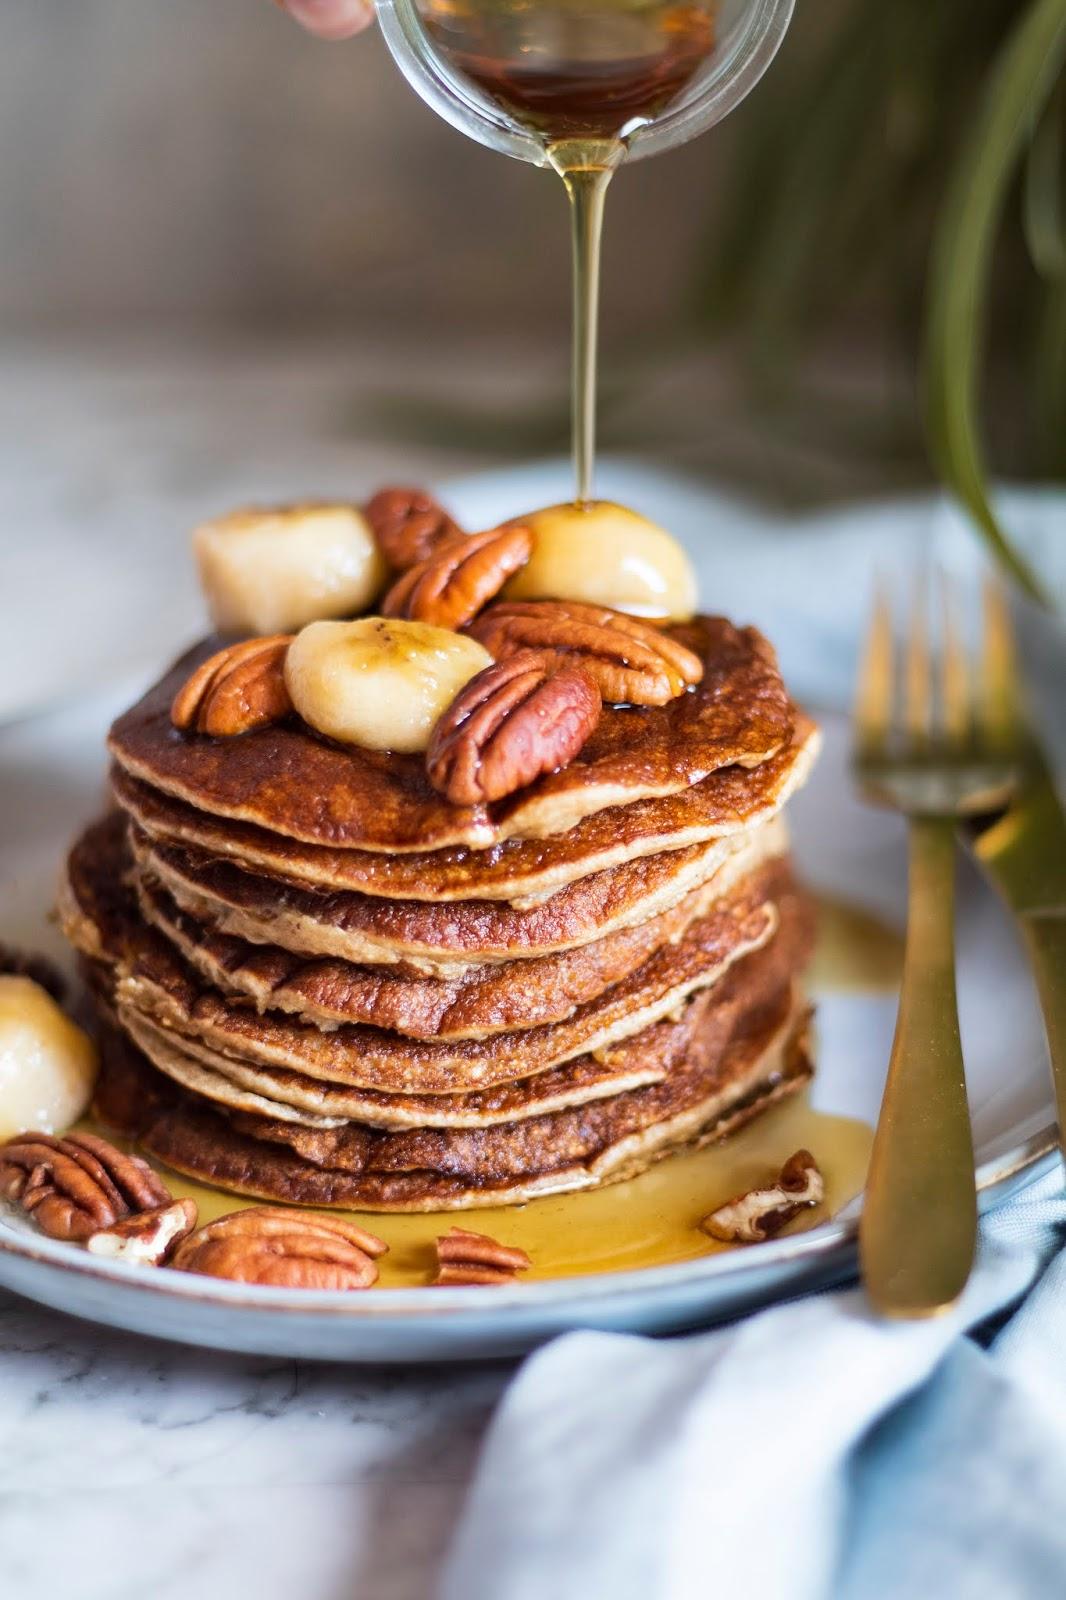 Recette saine de pancakes à la banane et flocons d'avoine